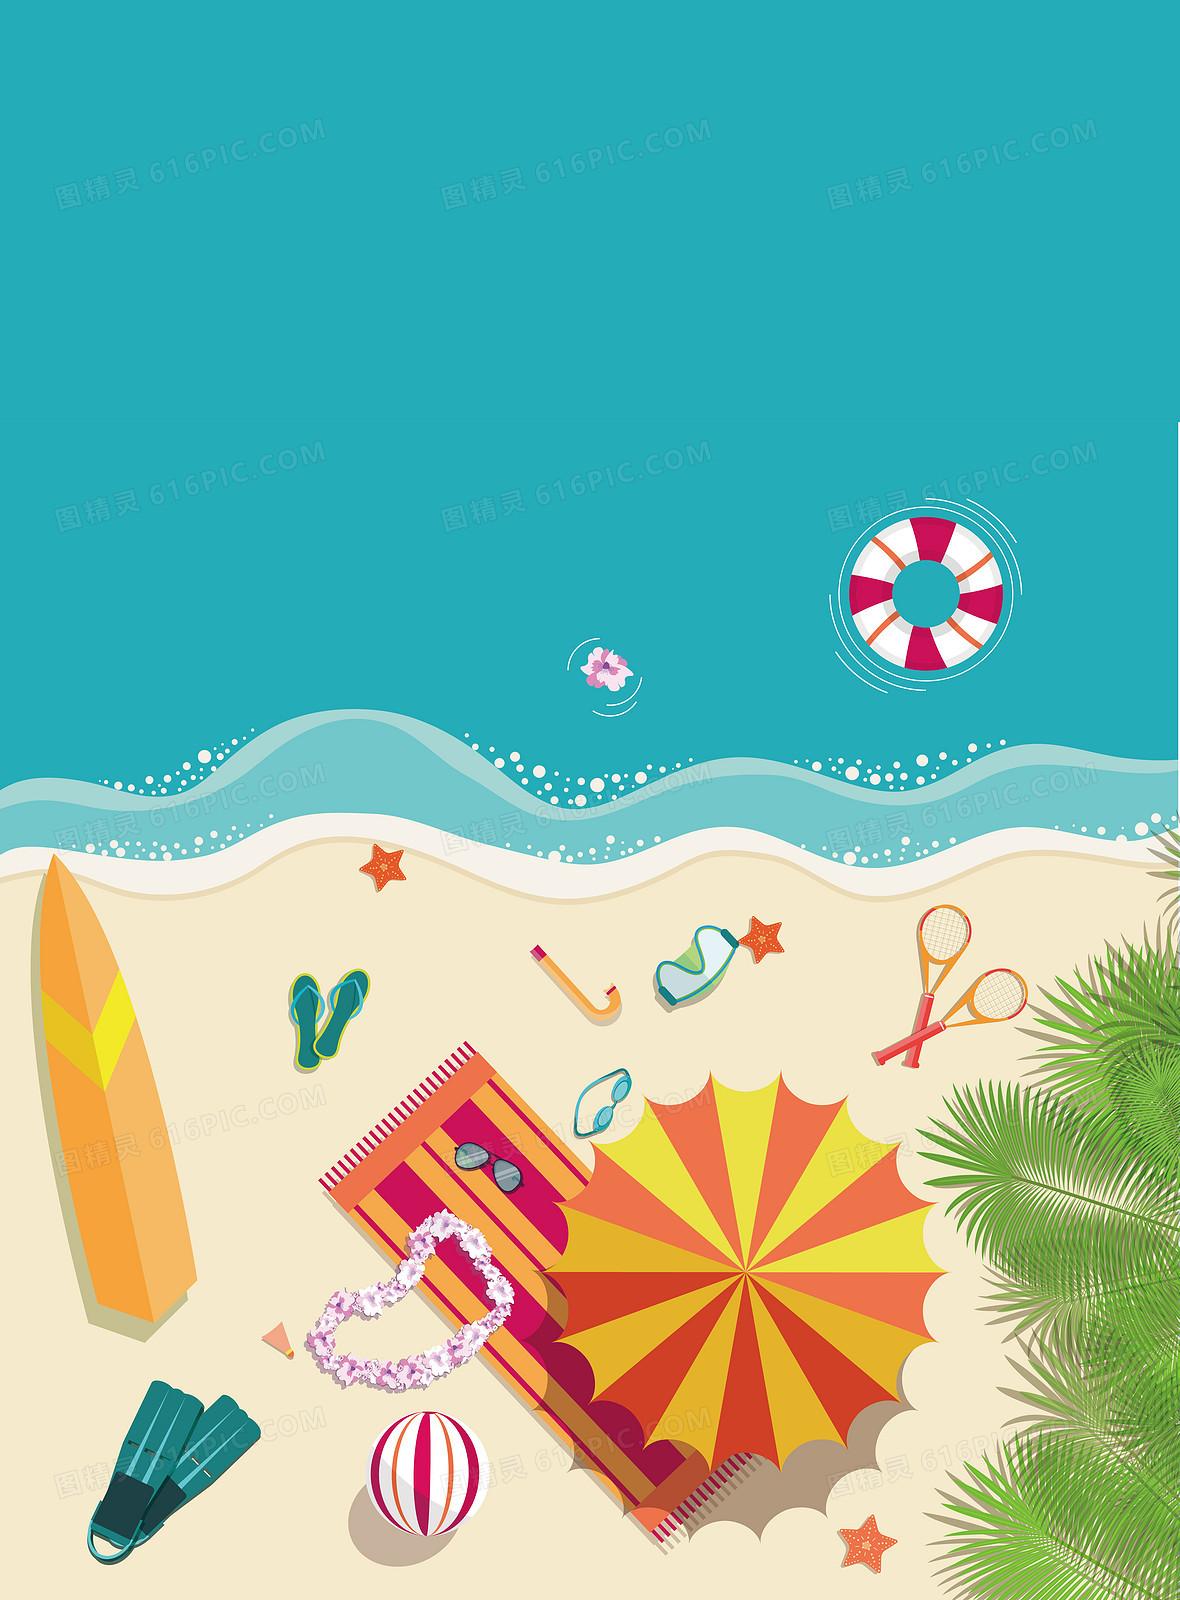 金色沙滩海水帽子海星游泳度假旅游背景素材